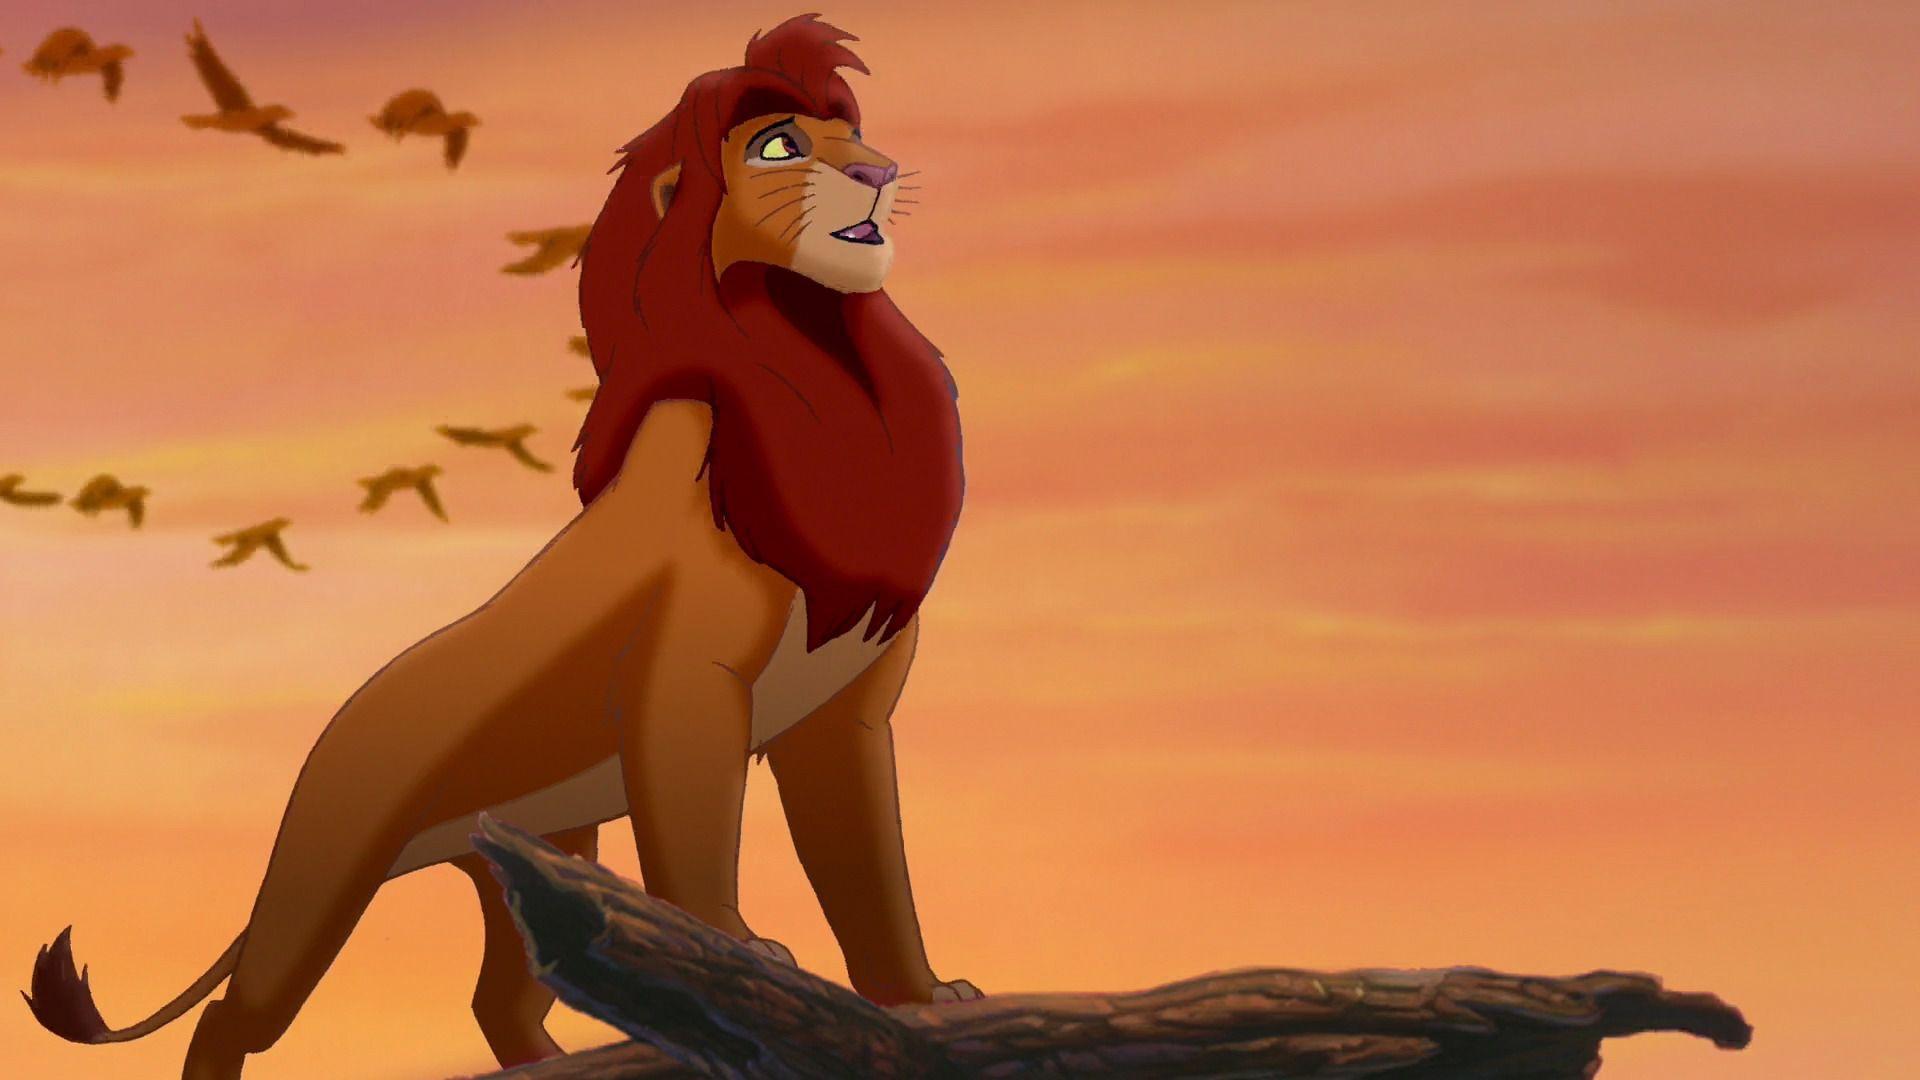 Simba - Simba End Of Lion King - HD Wallpaper